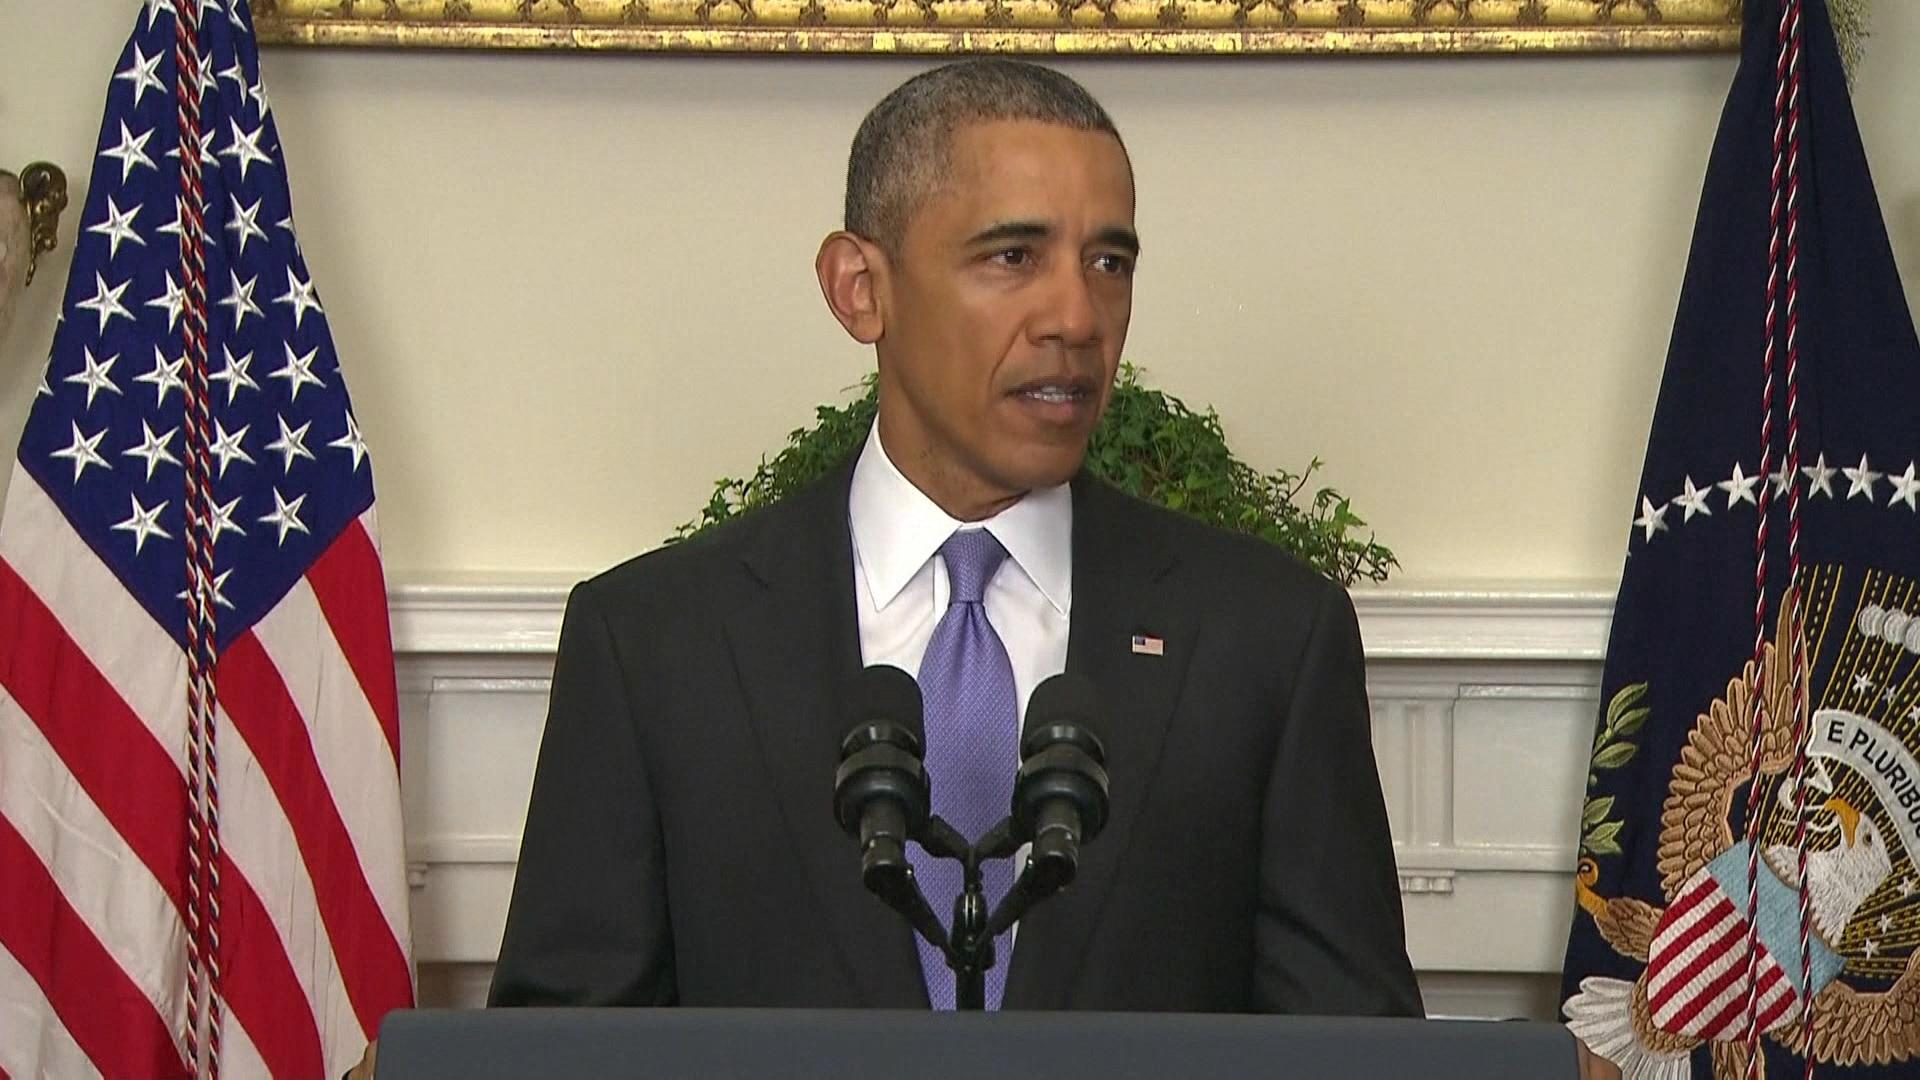 Obama celebra acordo com Irã, mas anuncia outras sanções